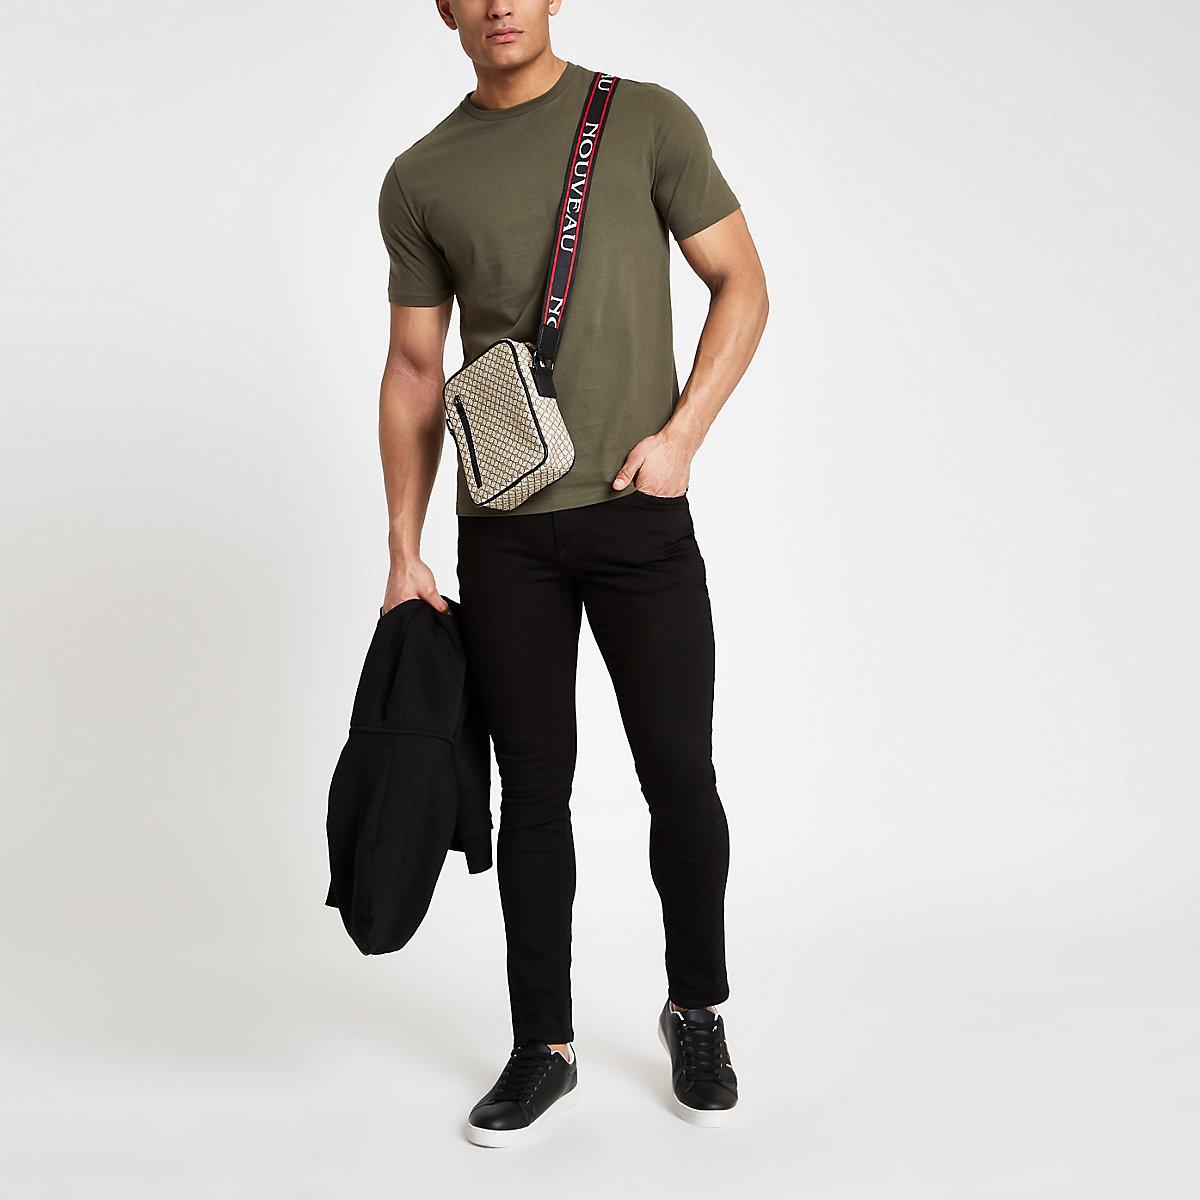 Khaki slim fit short sleeve T-shirt